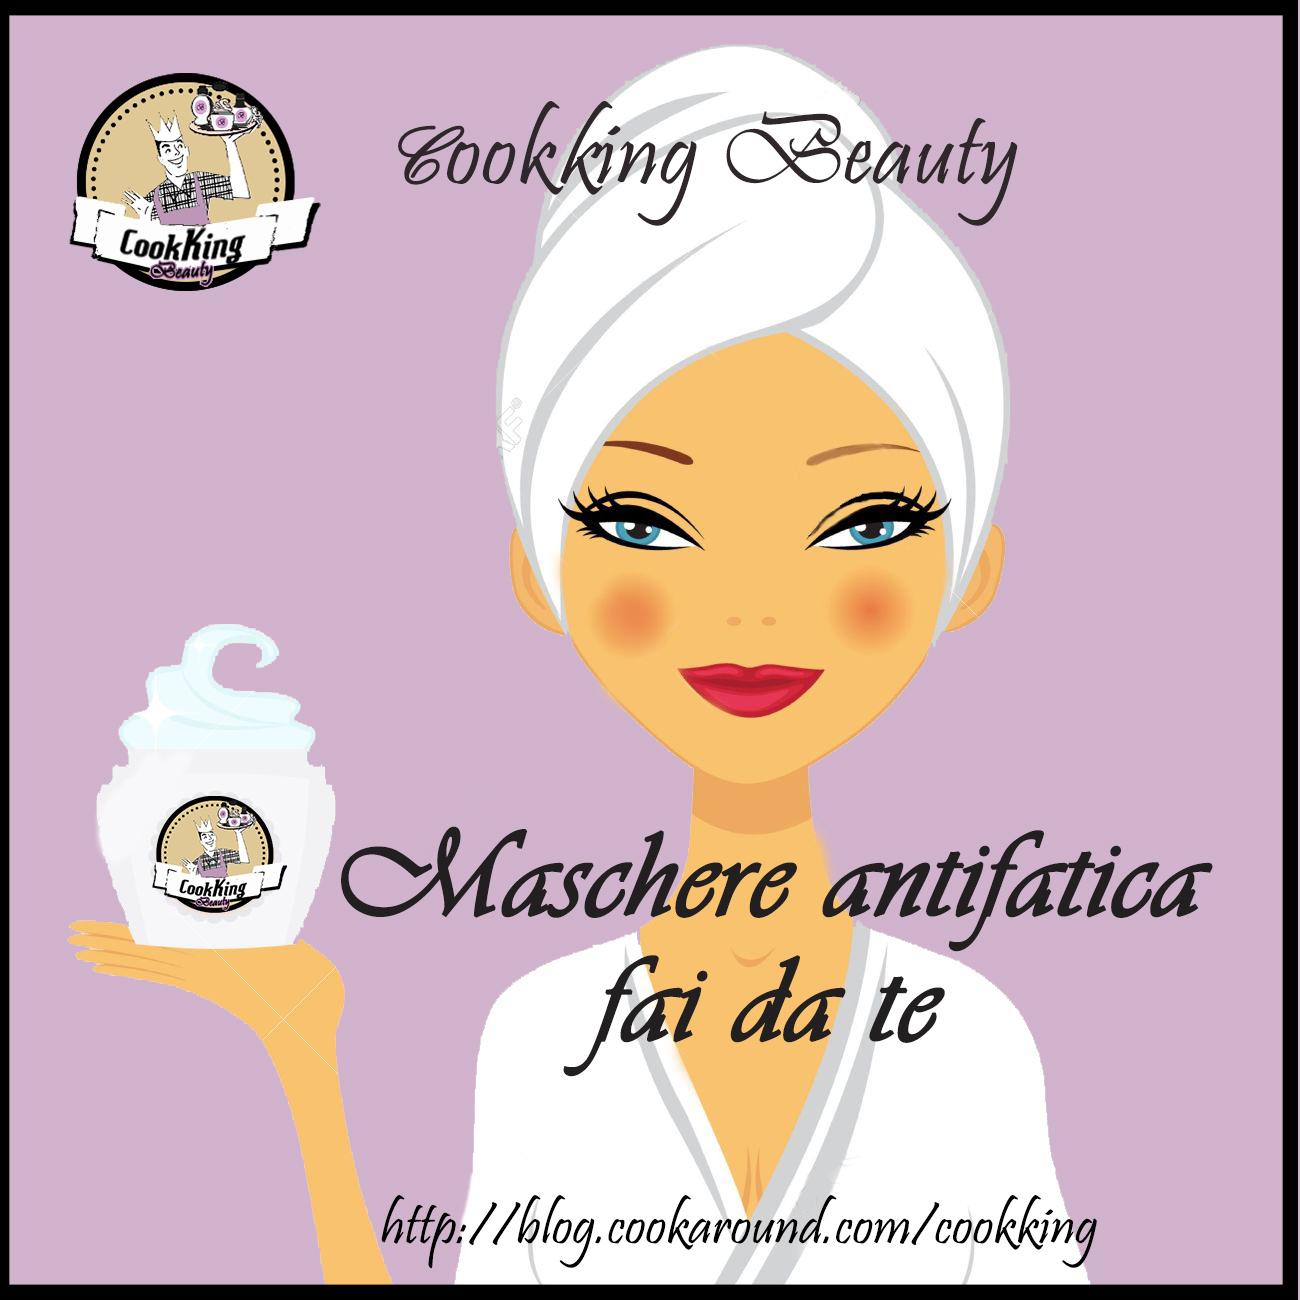 MASCHERE VISO ANTIFATICA FAI DA TE - CookKing